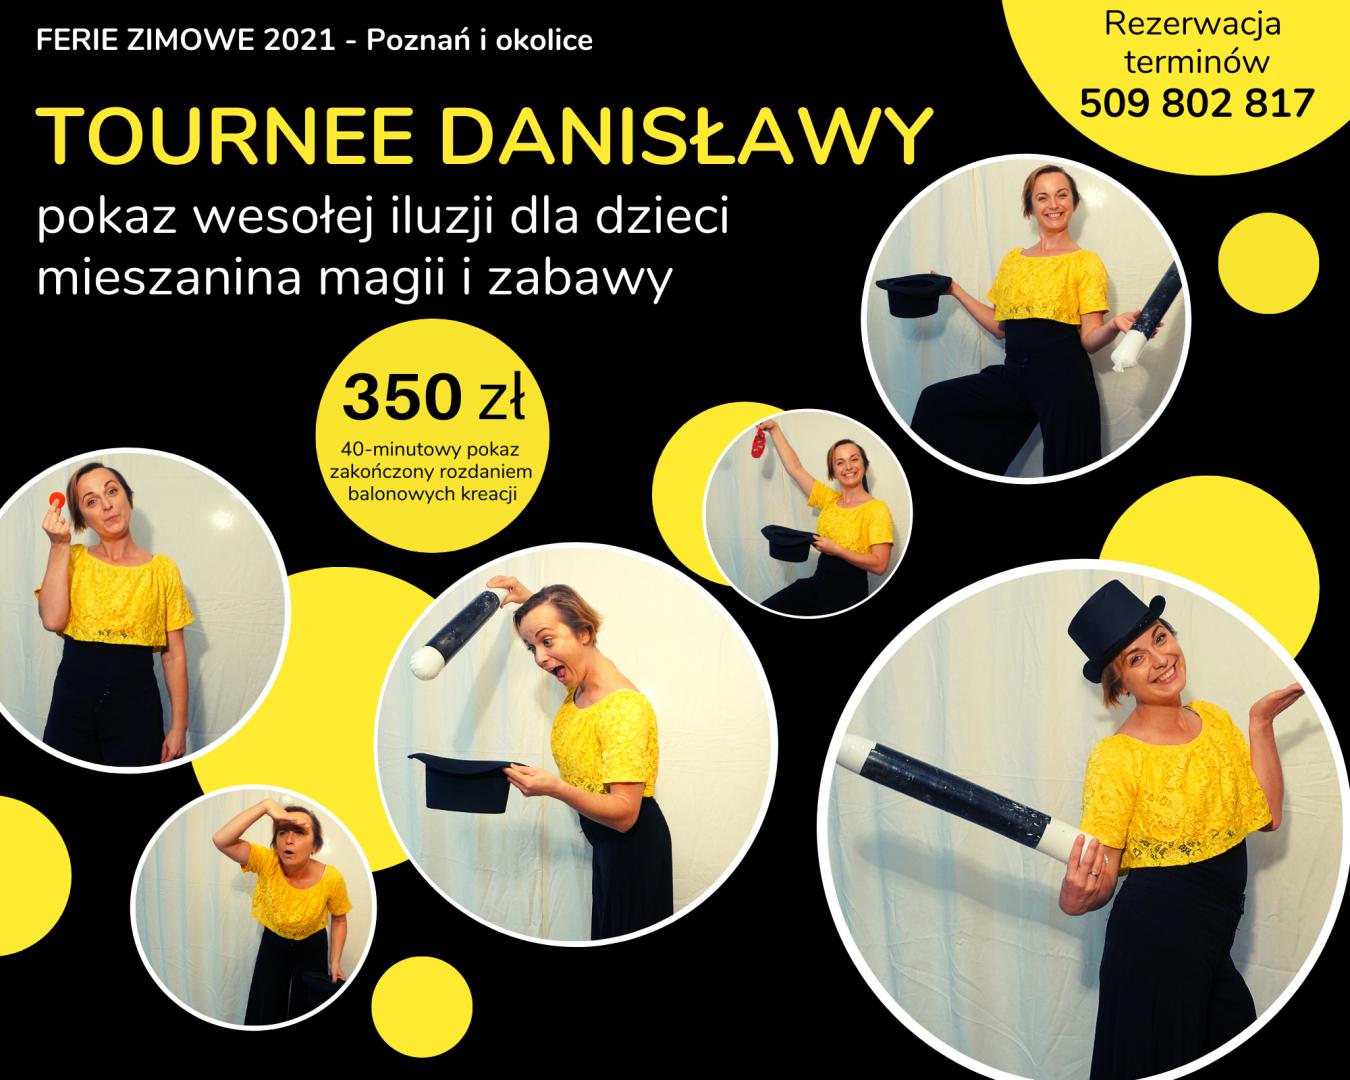 Pokazy Wesołej Iluzji - Danimatoring.pl zdjęcie nr 4